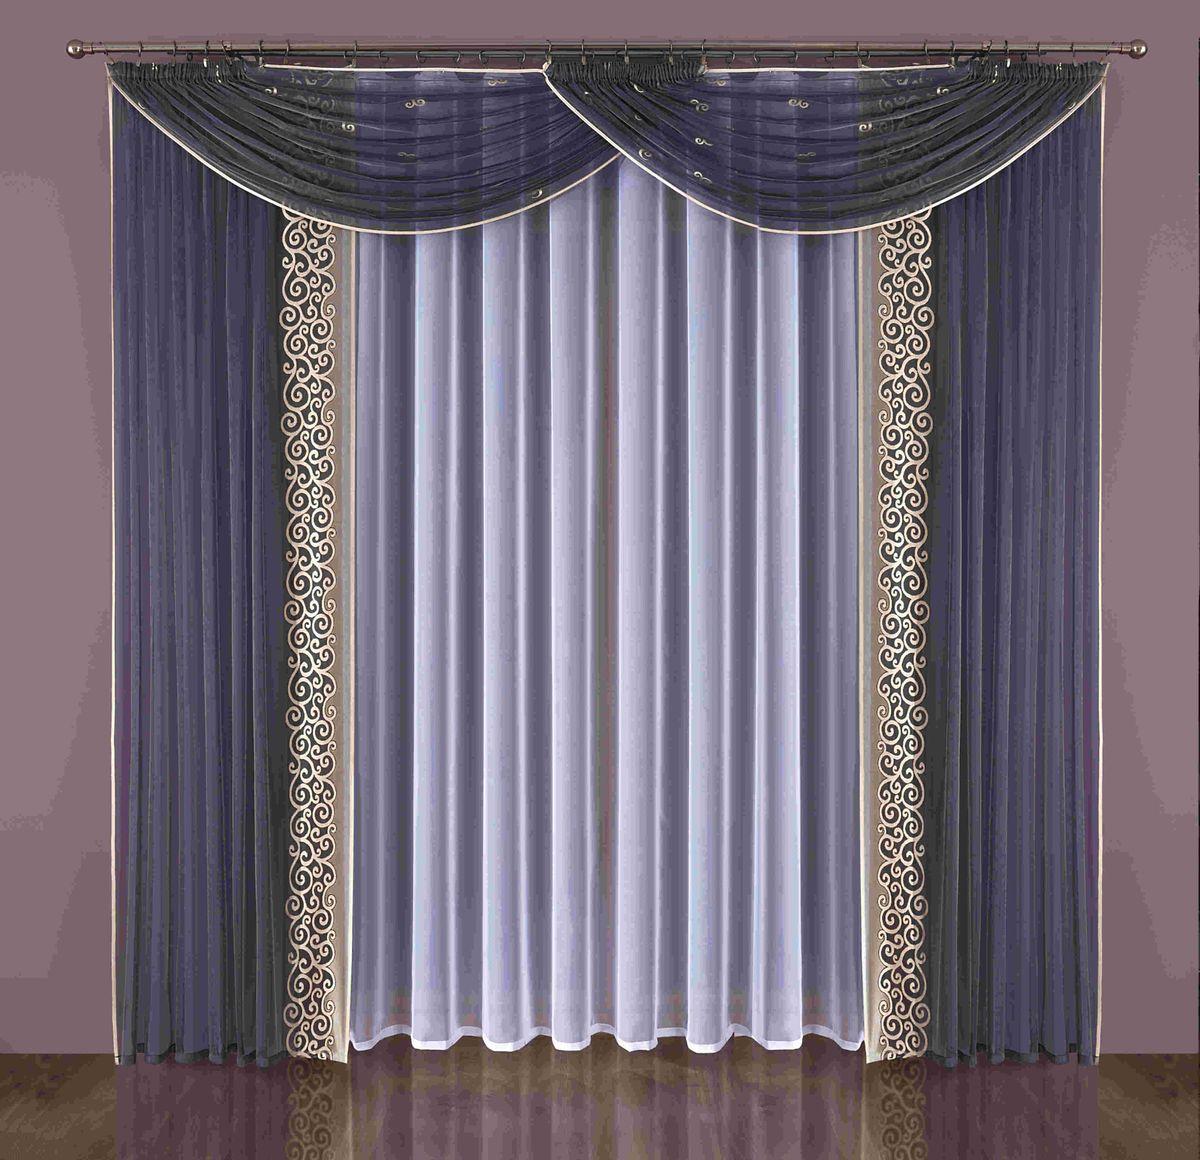 Комплект штор Wisan Brenda, на ленте, цвет: синий, белый, высота 240 смW349Комплект штор Wisan Brenda выполненный из полиэстера, великолепно украсит любое окно. Комплект состоит из 2 штор, тюля и 2 ламбрекенов. Тюль выполнен из органзы, шторы изготовлены из полиэстера тонкого жаккардового плетения. Оригинальный дизайн и контрастная цветовая гамма привлекут к себе внимание и органично впишутся в интерьер комнаты. Все предметы комплекта оснащены шторной лентой для красивой драпировки. В комплект входит: Штора - 2 шт. Размер (ШхВ): 150 см х 240 см. Тюль - 1 шт. Размер (ШхВ): 400 см х 240 см. Ламбрекен - 2 шт. Размер (ШхВ): 180 см х 140 см. Фирма Wisan на польском рынке существует уже более пятидесяти лет и является одной из лучших польских фабрик по производству штор и тканей. Ассортимент фирмы представлен готовыми комплектами штор для гостиной, детской, кухни, а также текстилем для кухни (скатерти, салфетки, дорожки, кухонные занавески). Модельный ряд отличает оригинальный дизайн, высокое...